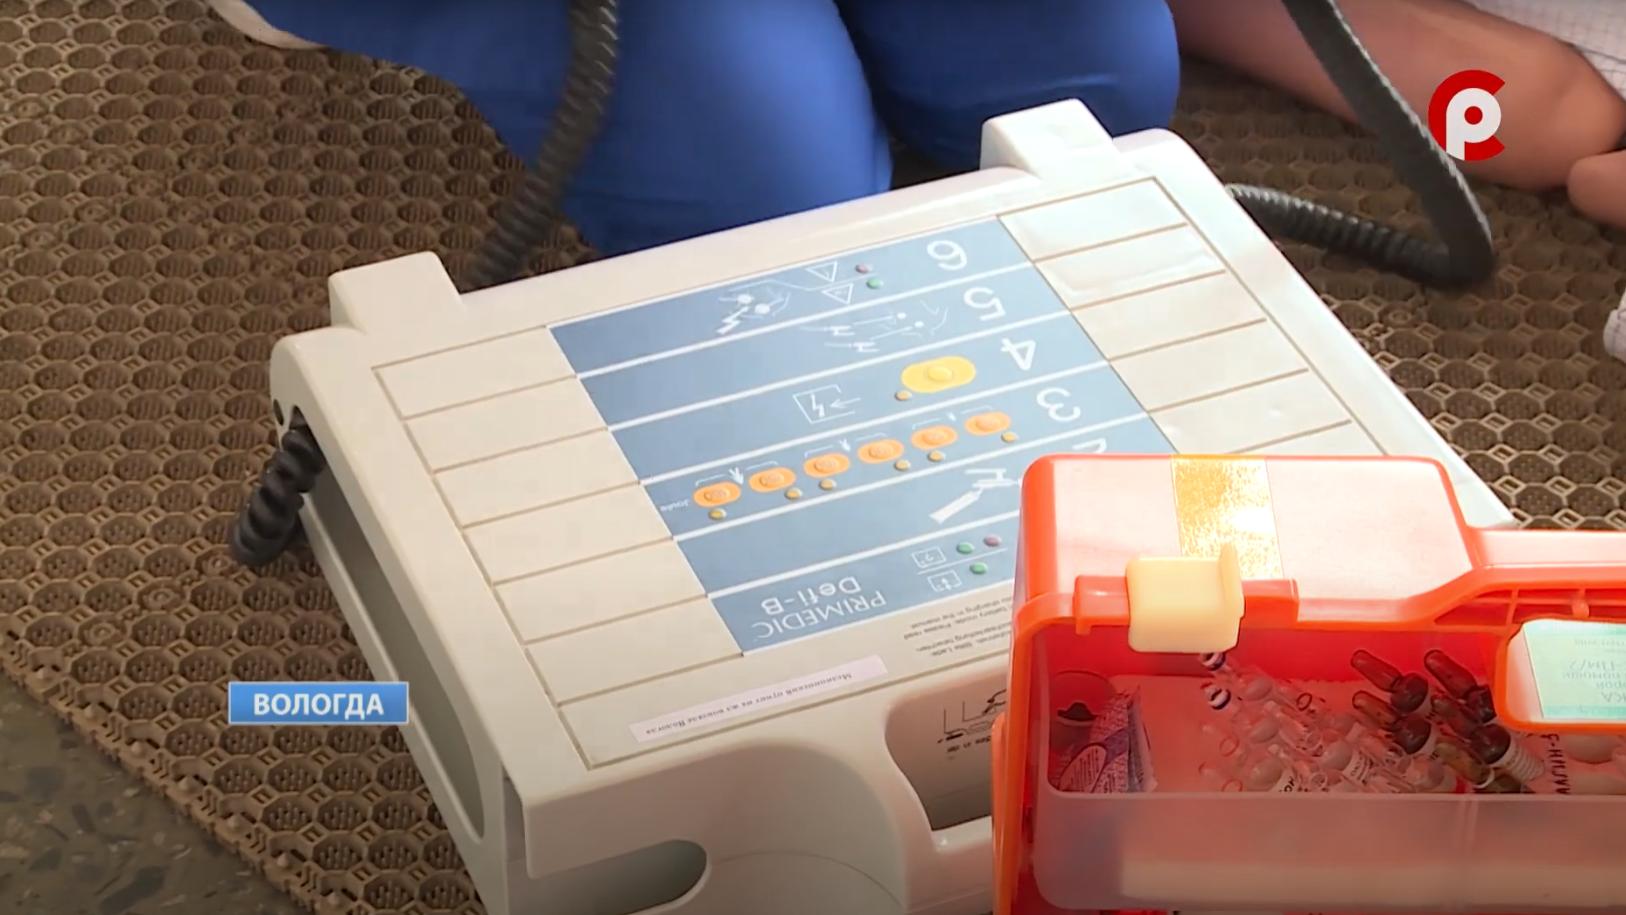 Часто для оказания медицинской помощи необходимо специальное оборудование